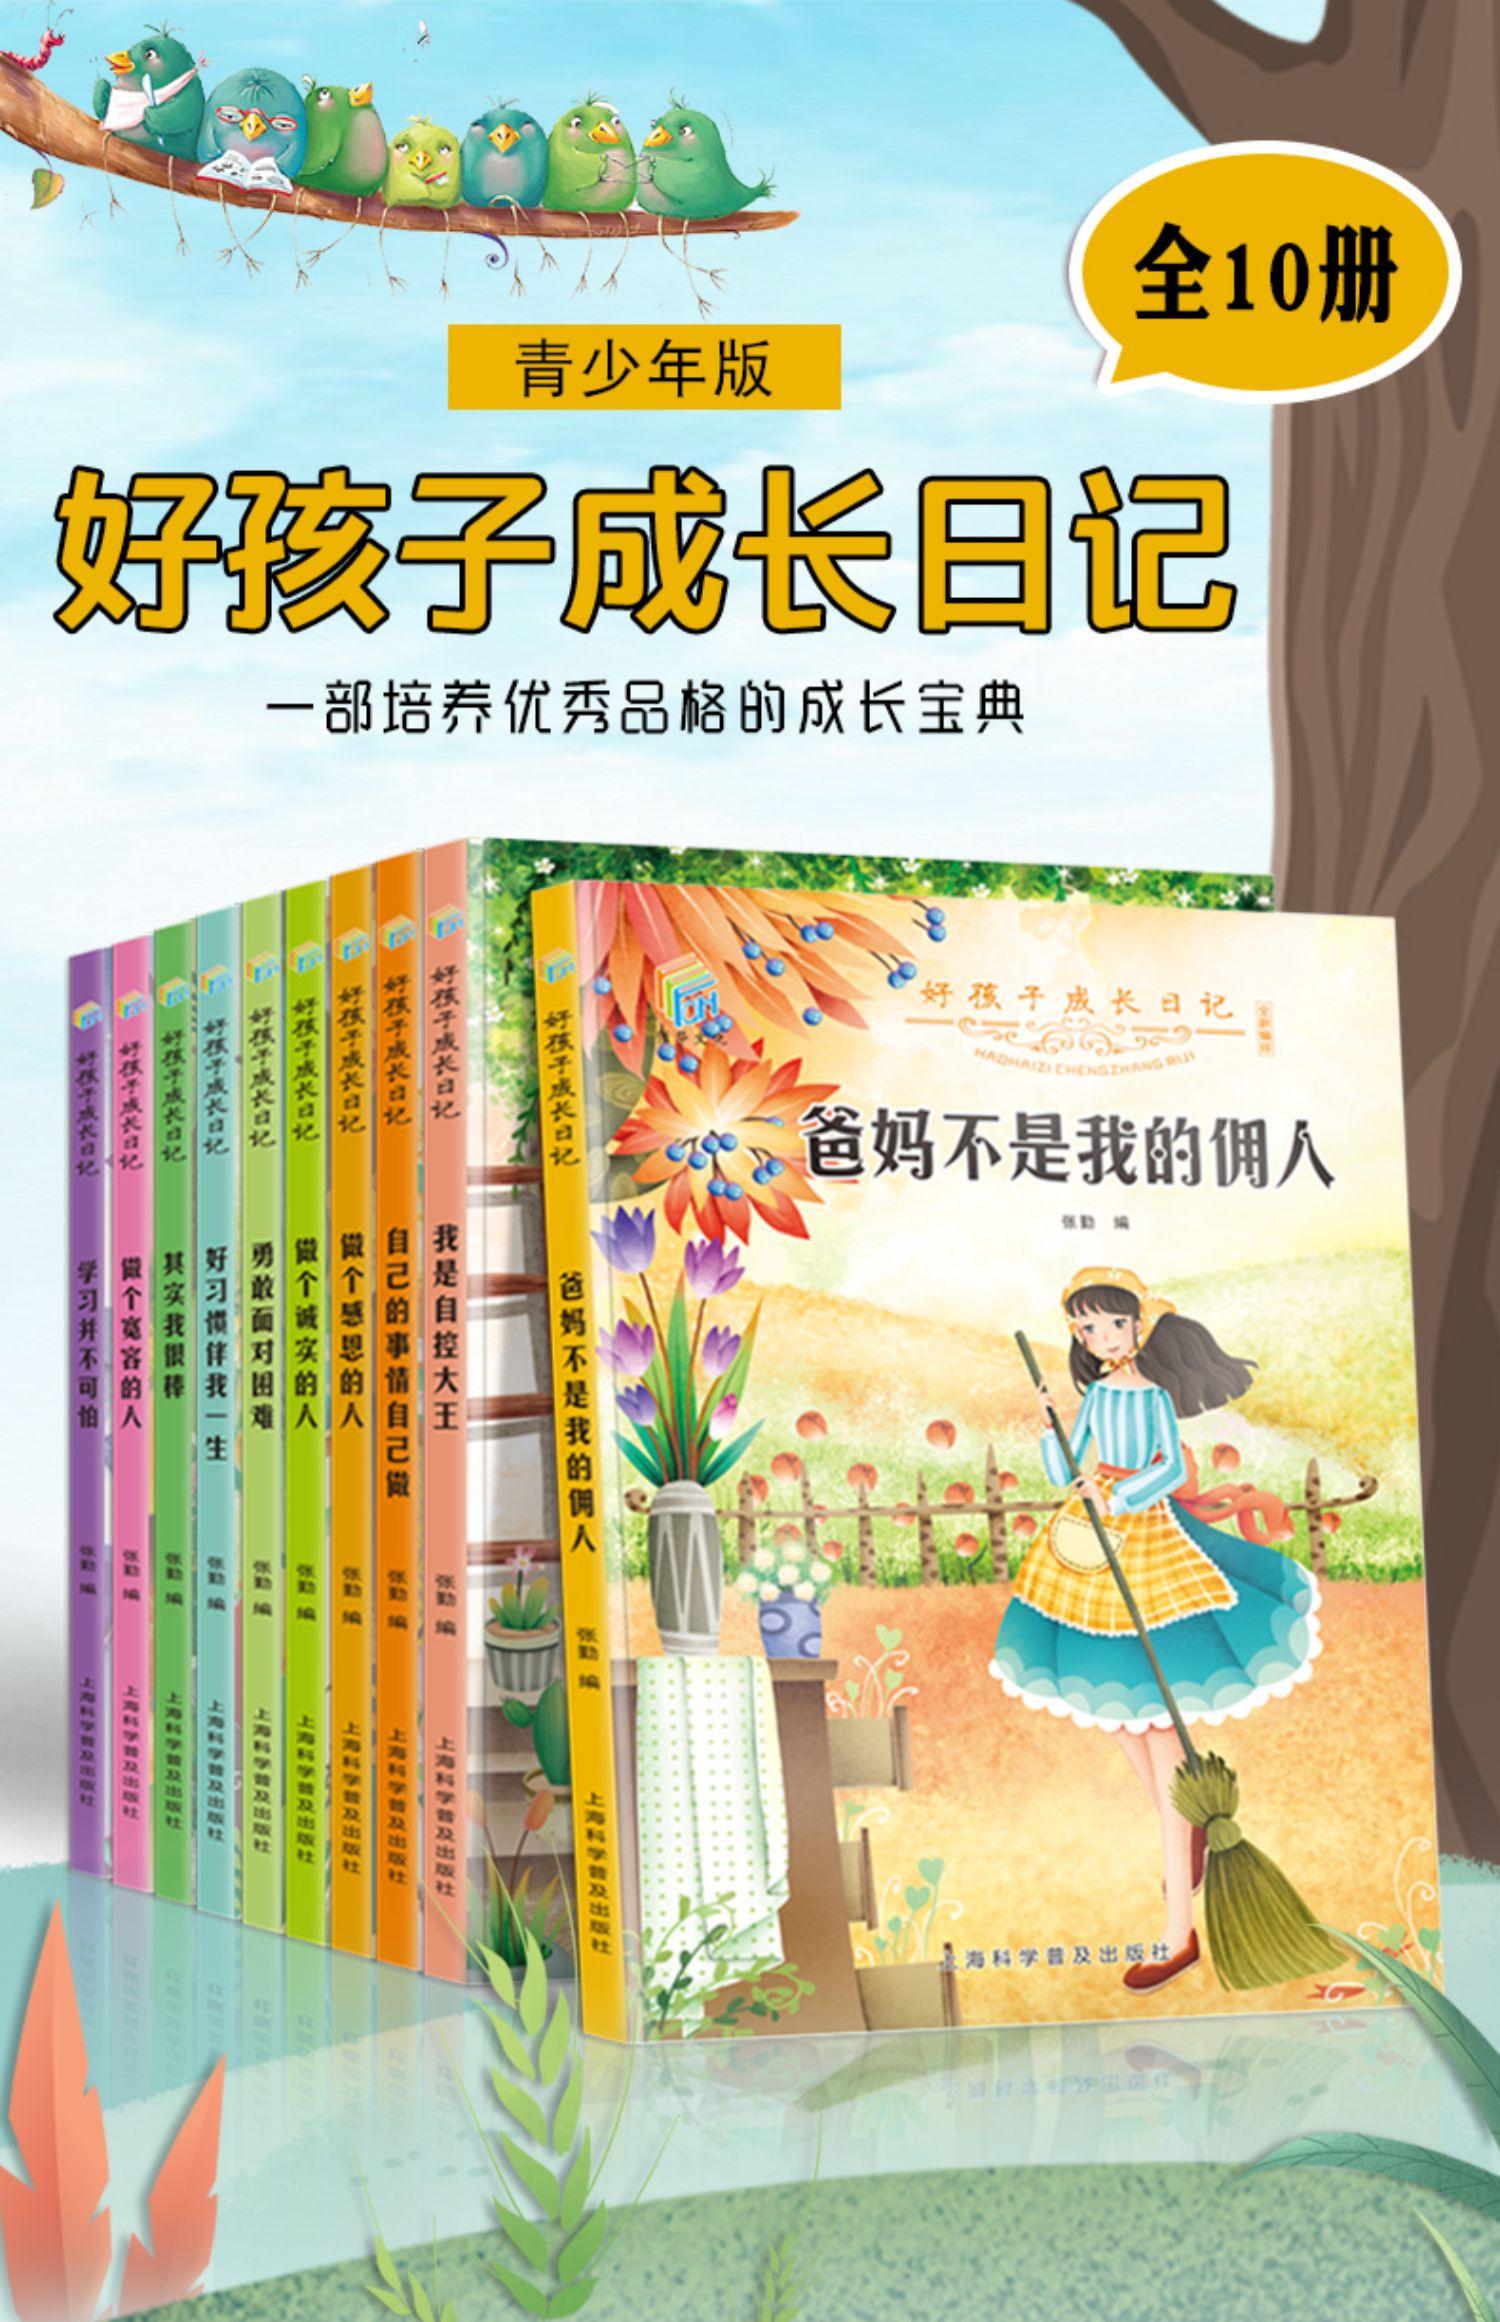 全套10册畅销书经典 排行榜好孩子励志成长日记父母爸妈不是我佣人小学生一二三年级课外书籍儿童阅读文学读物6-8-9-10-12岁故事书商品详情图